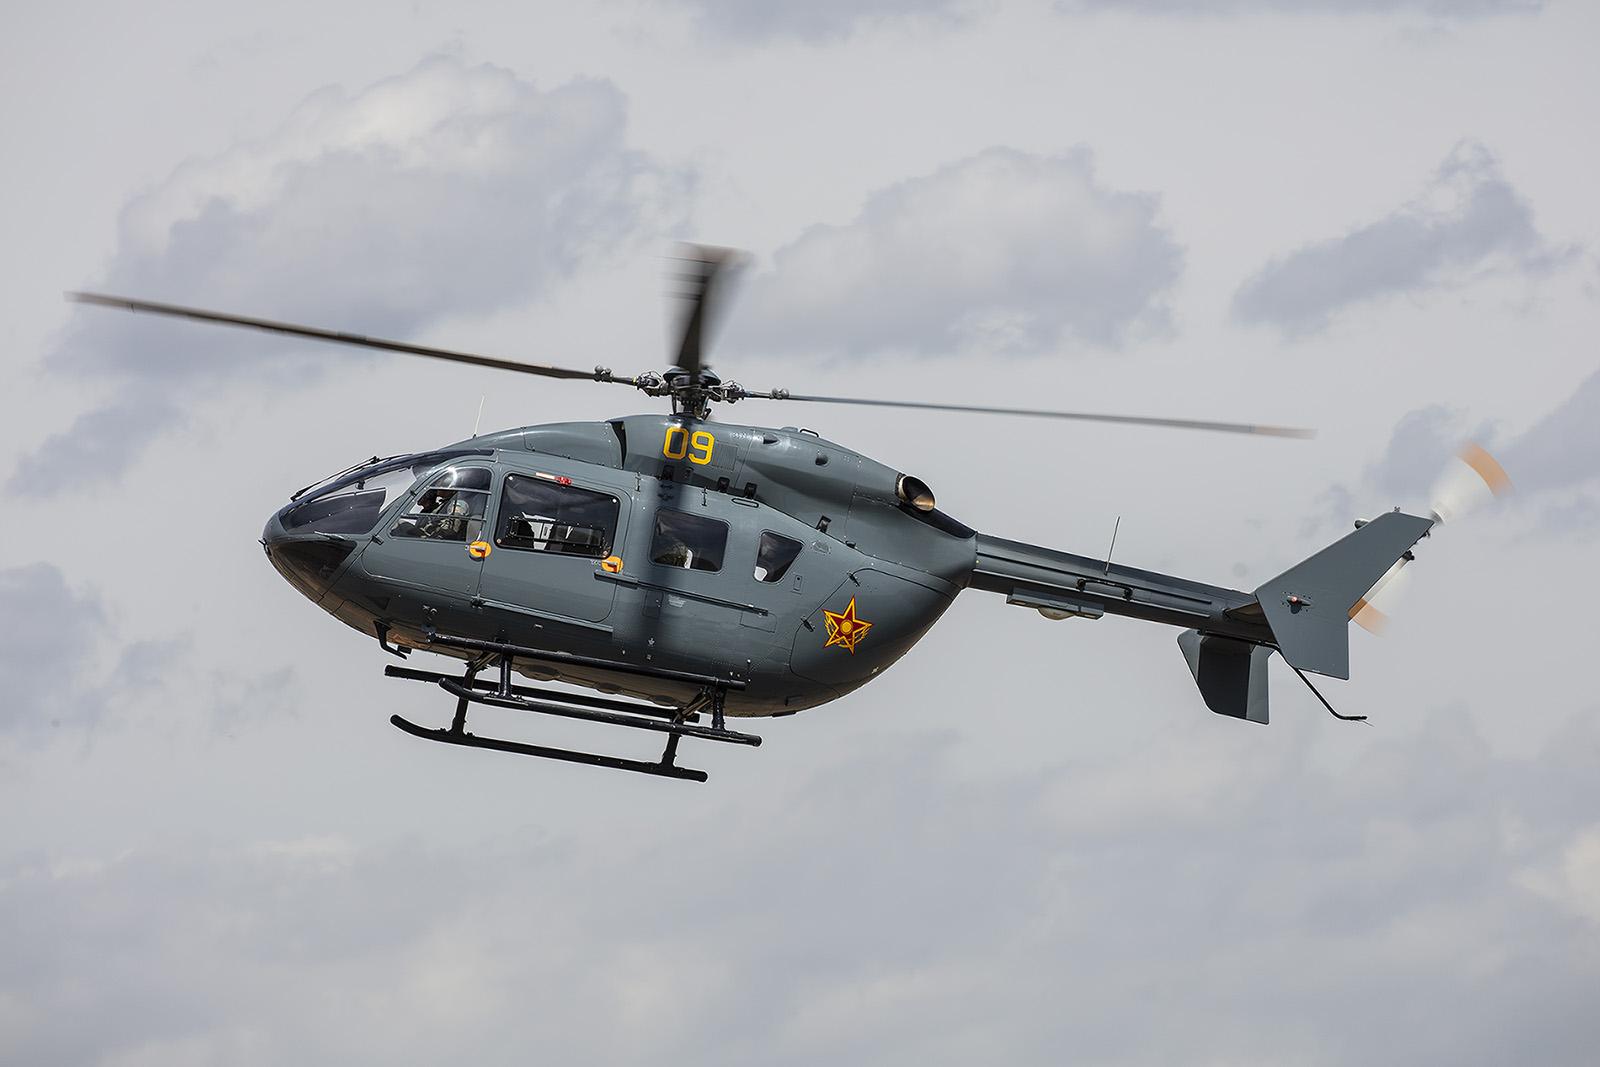 Nun kommen die kleineren Hubschrauber vom Typ Airbus H145 zum Einsatz.